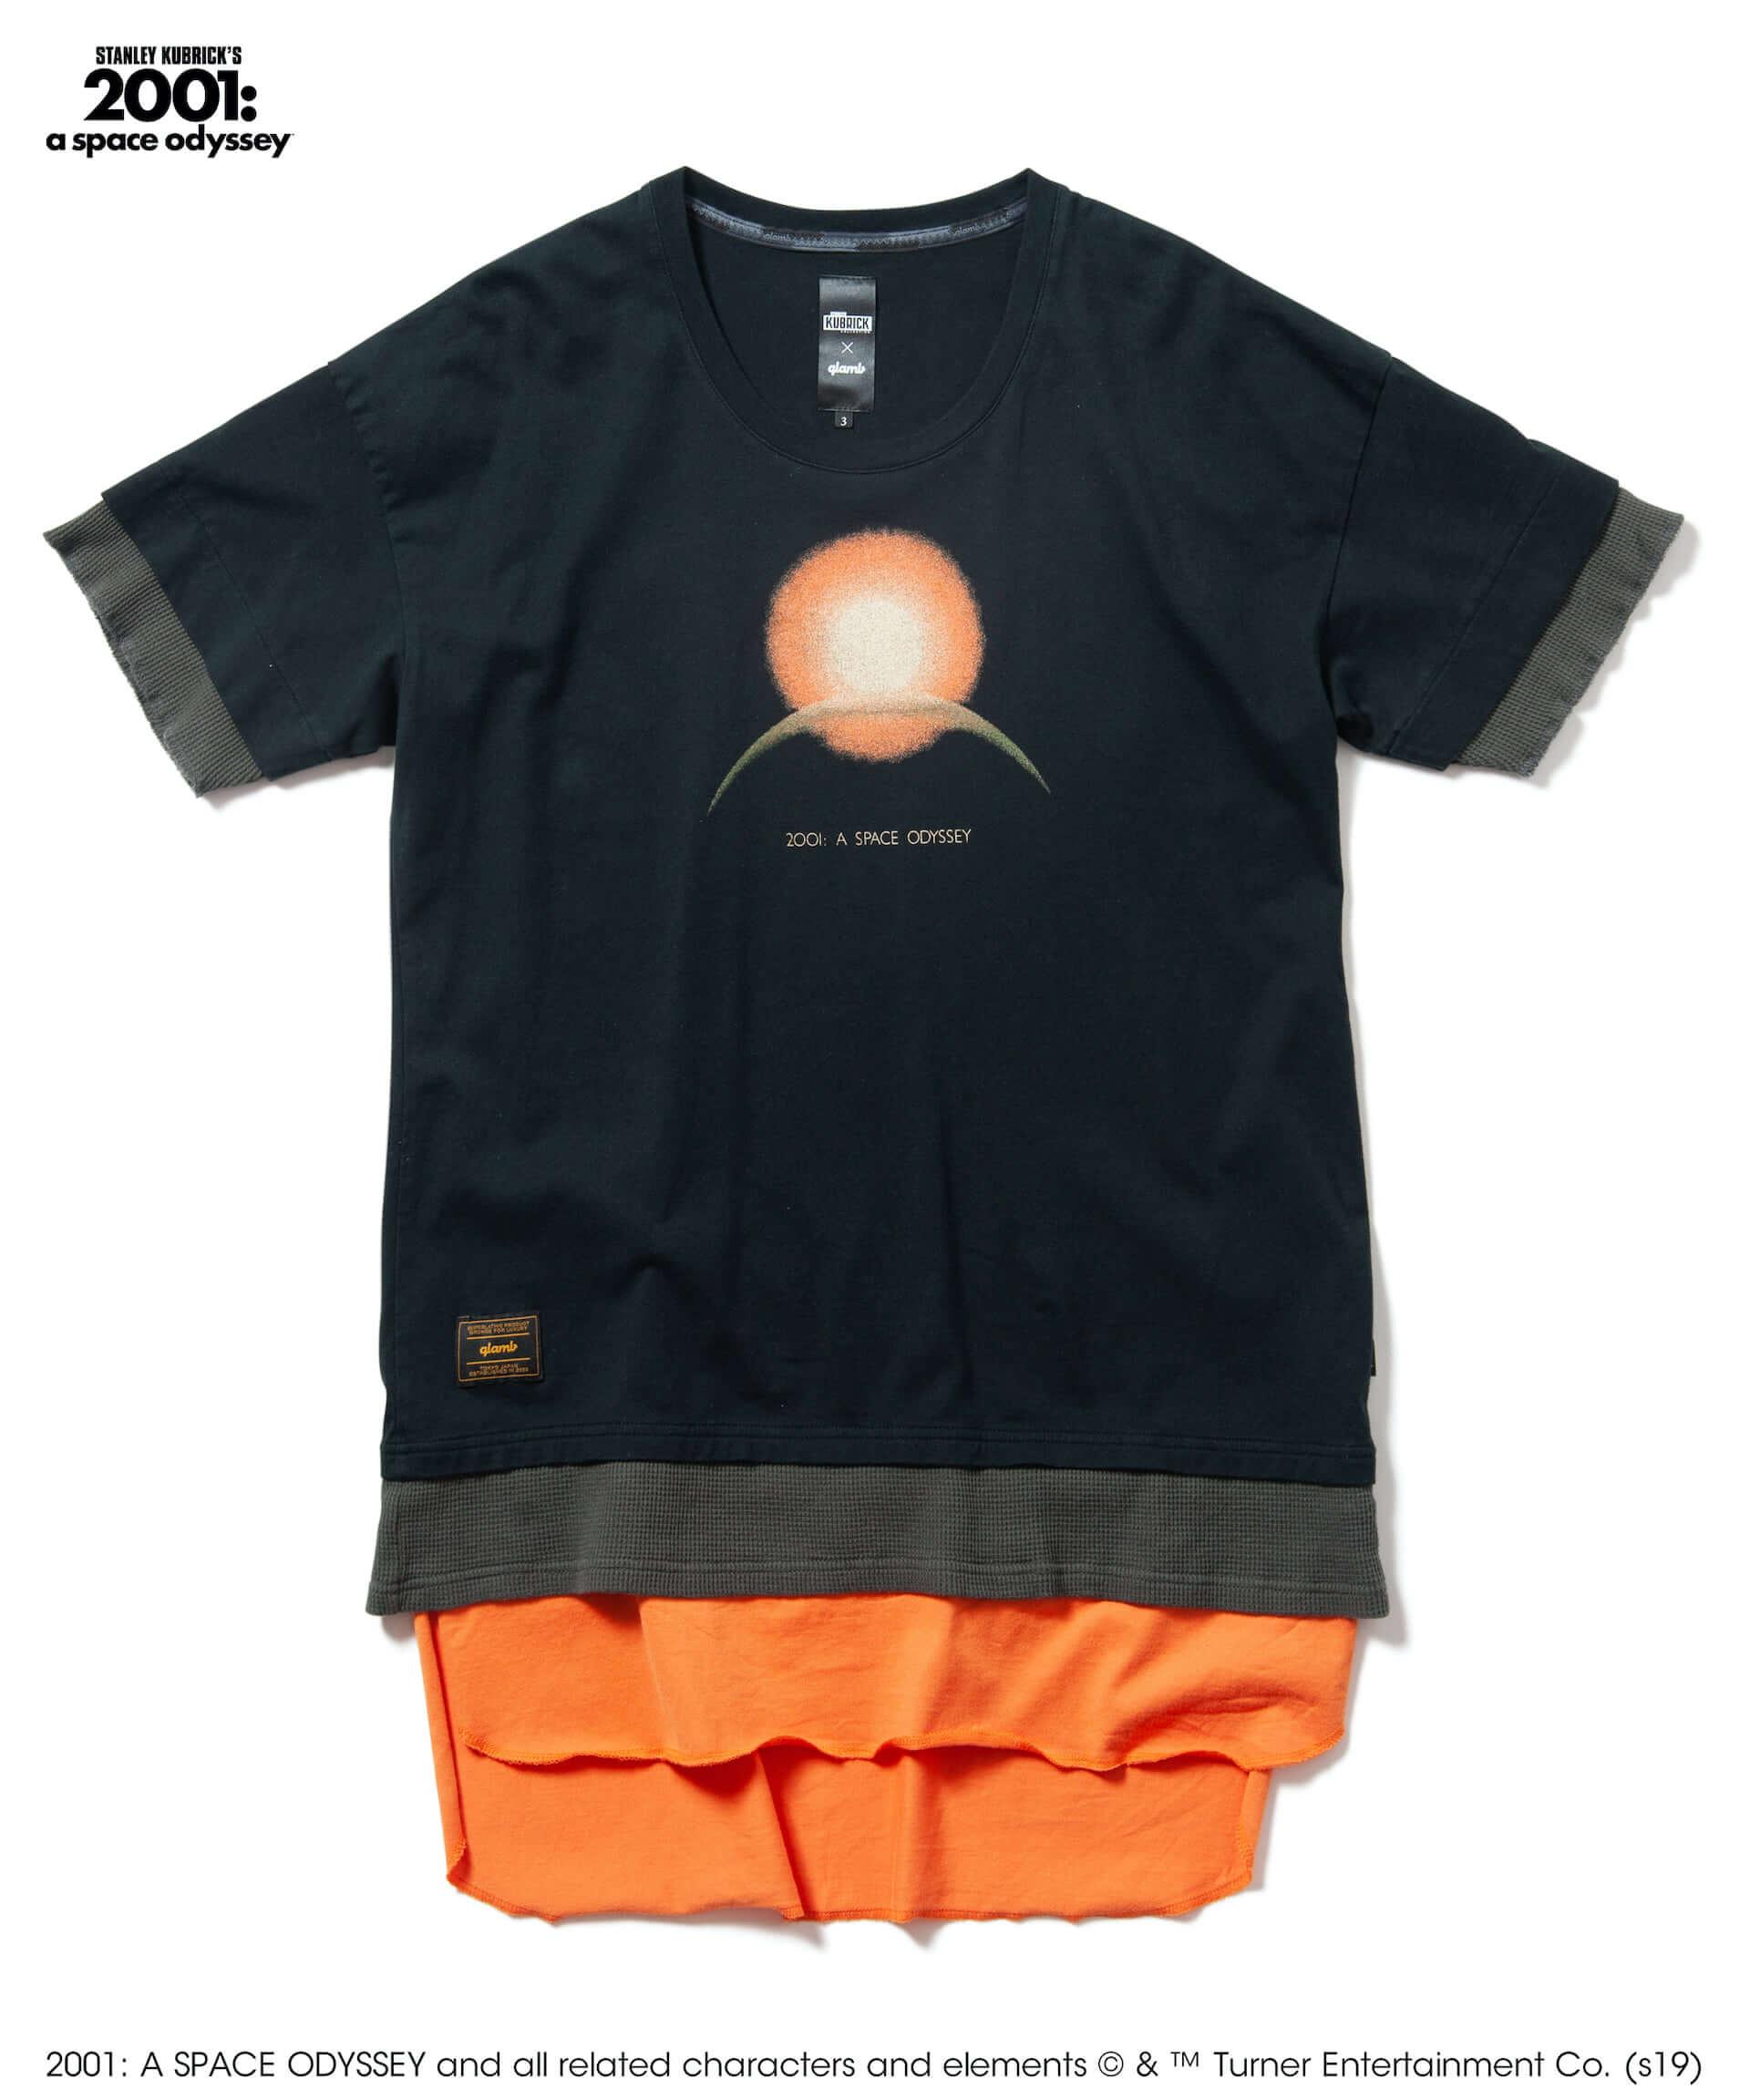 『シャイニング』や『時計じかけのオレンジ』のロゴやあのシーンも!glambとスタンリー・キューブリック作品とのコラボコレクションが登場 life200327_glamb_collection_25-1920x2304